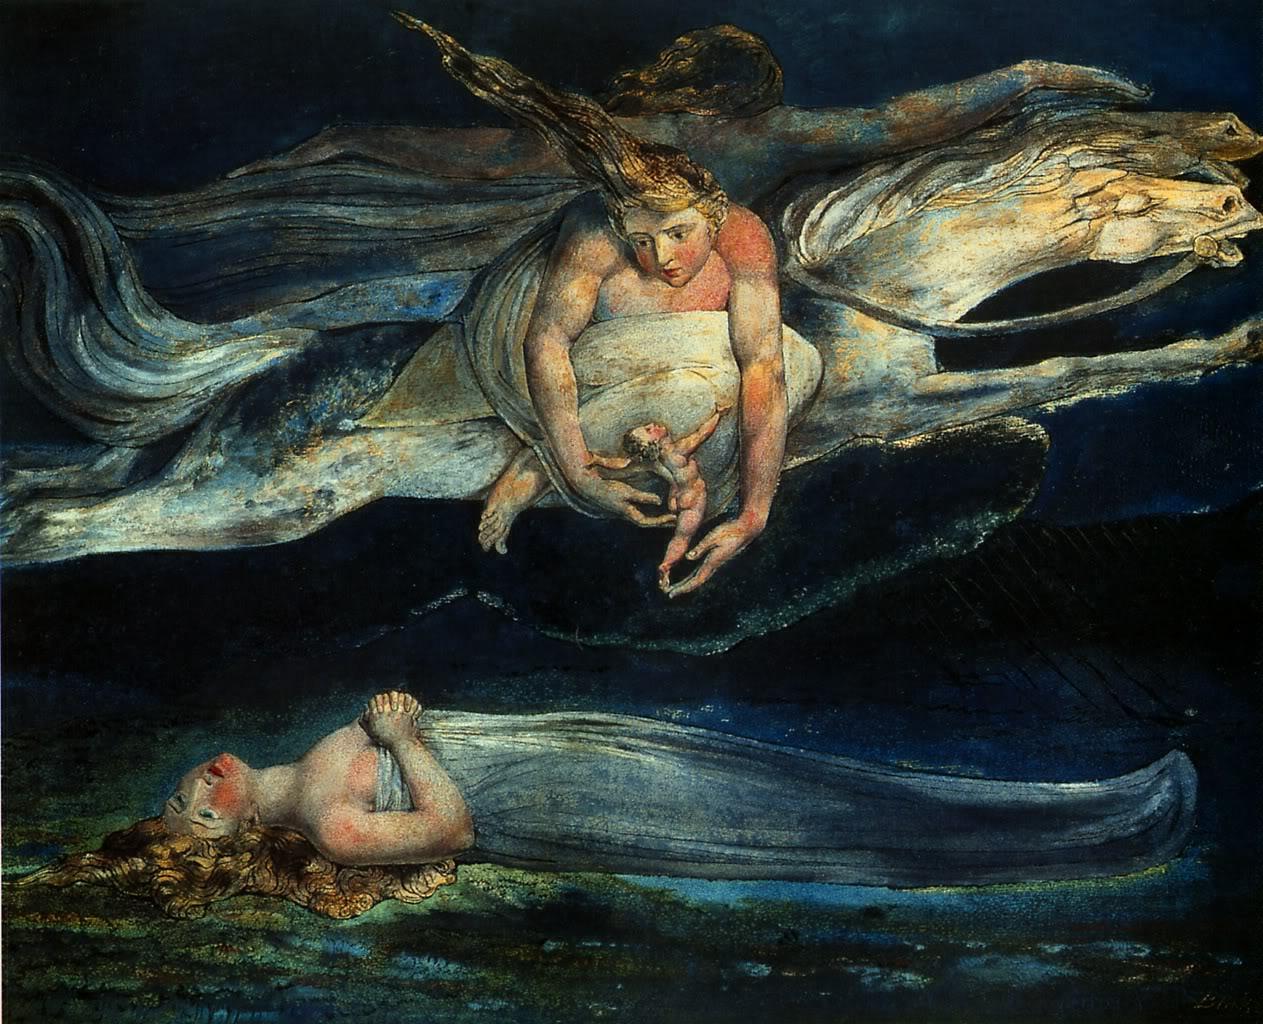 William Blake - Pity - 1795